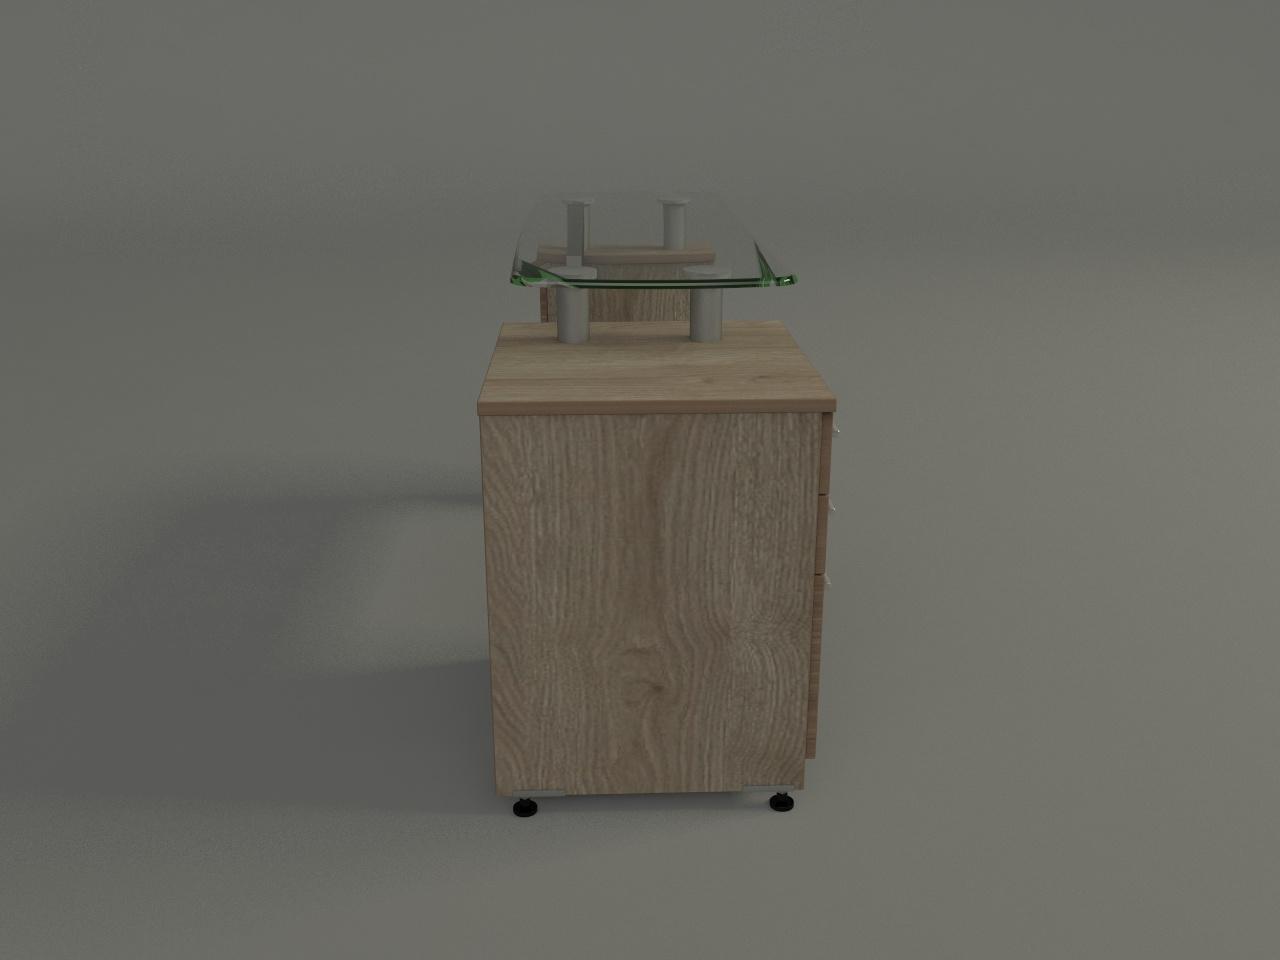 credenza ejecutiva boston 150 x 50 cm cub cristal 12mm con pedestal